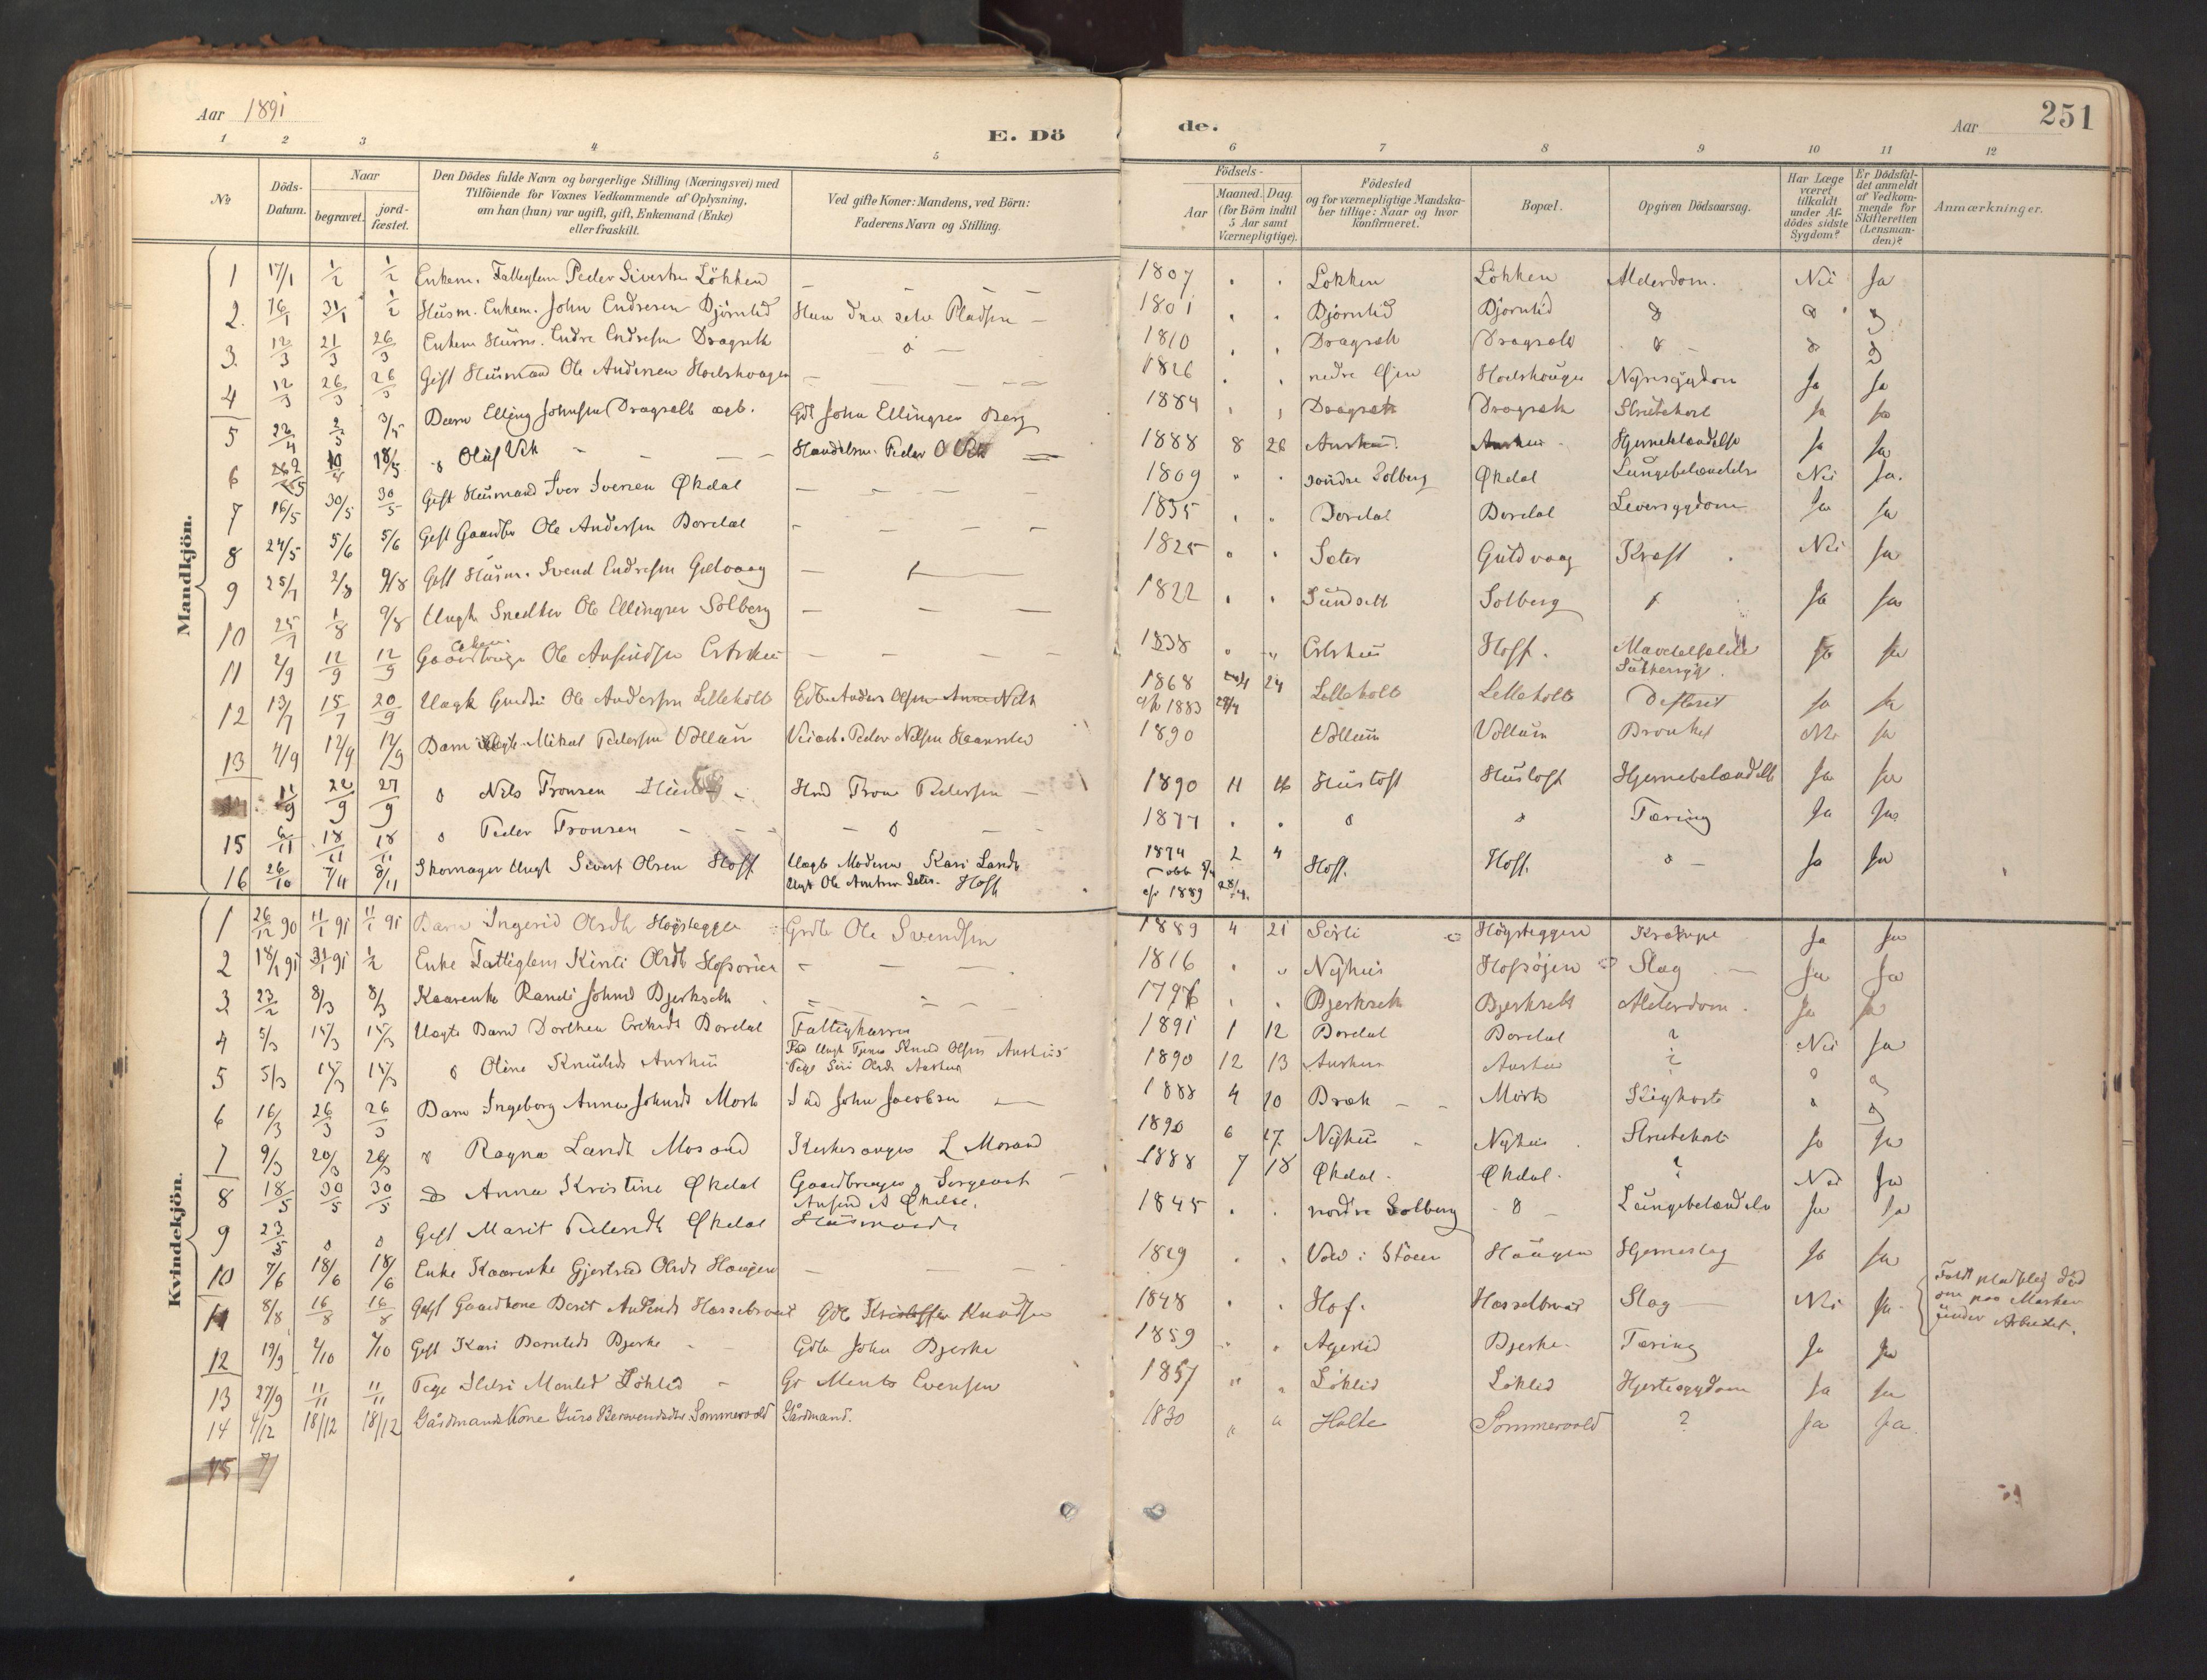 SAT, Ministerialprotokoller, klokkerbøker og fødselsregistre - Sør-Trøndelag, 689/L1041: Ministerialbok nr. 689A06, 1891-1923, s. 251